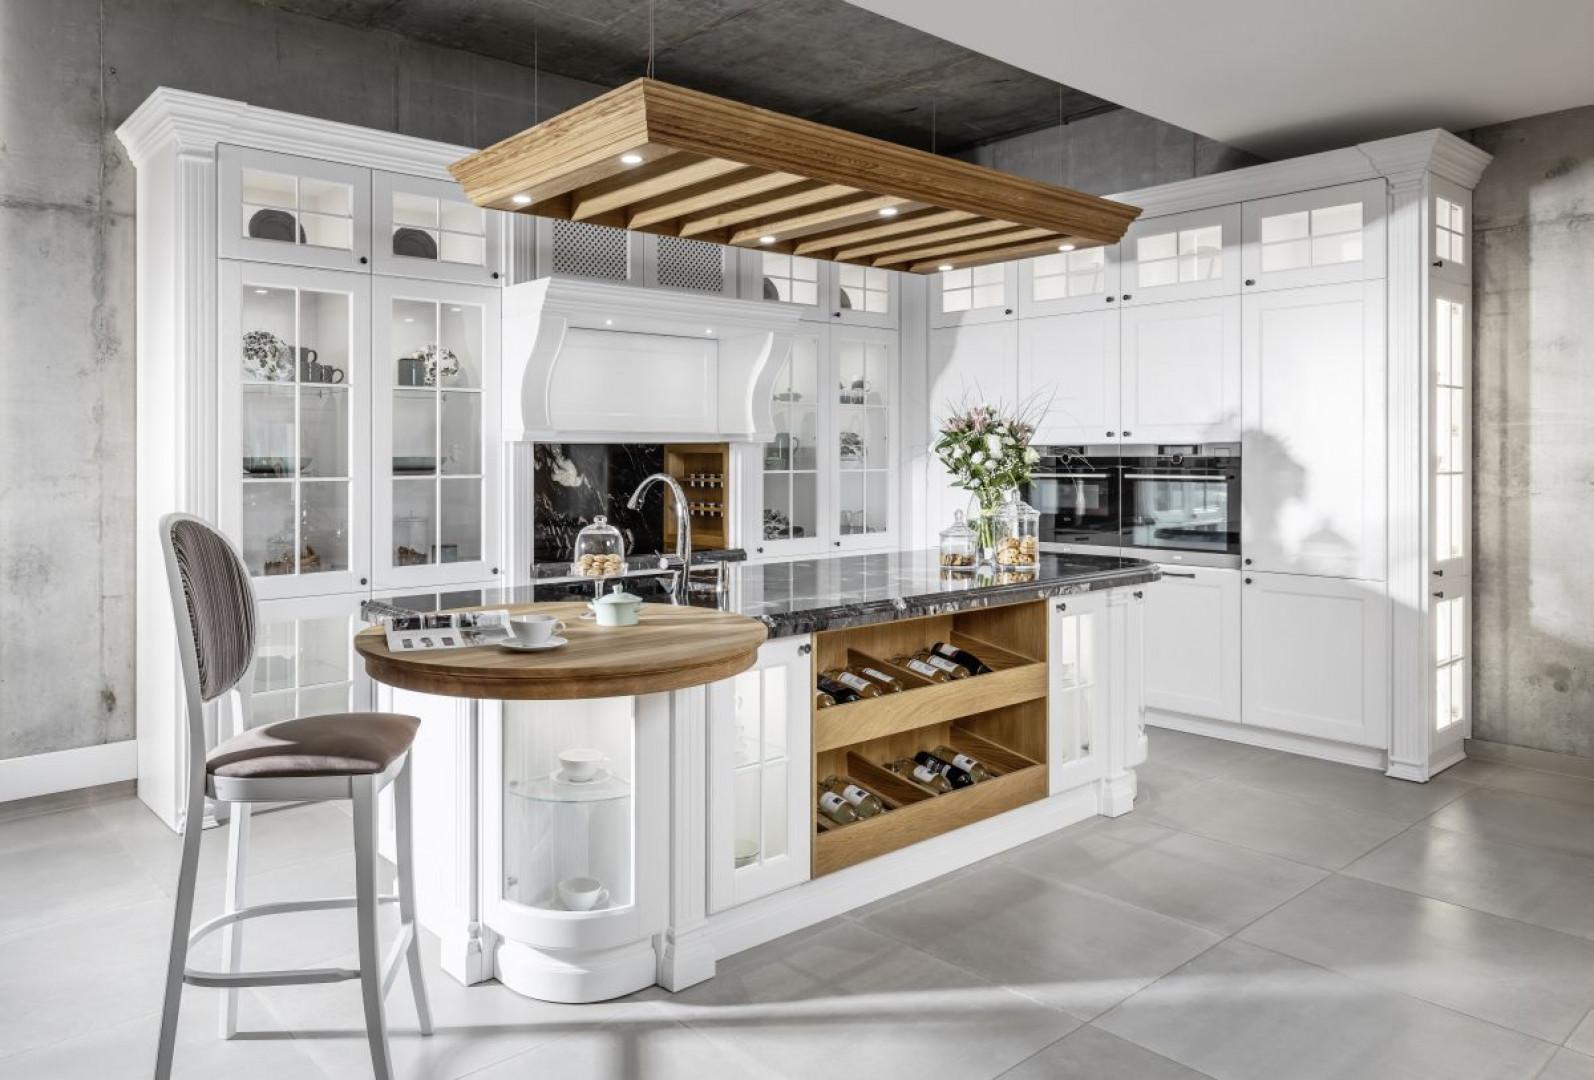 Kuchnia Bristol firmy Halupczok. Fot. Halupczok